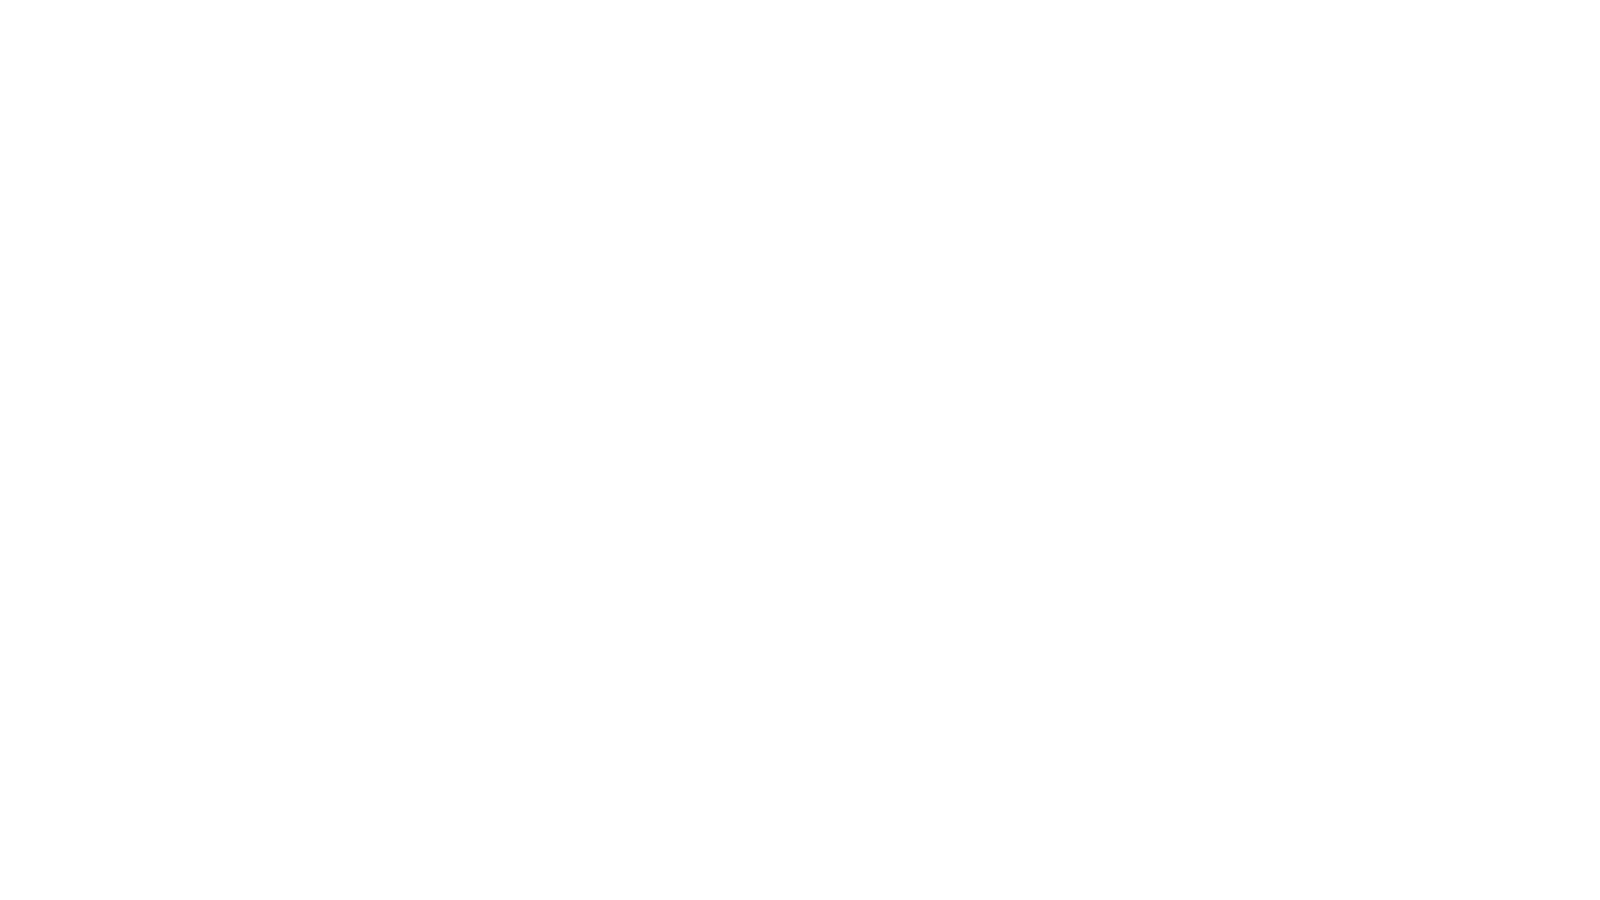 Hoe en wanneer aangifte doen van je Spaanse woning in België? Moet je beide een formulier invullen als jullie samen gekocht hebben? Dit alles legt Marleen u vandaag uit.   Hierbij nog nuttige links :  Link naar het aangifteformulier: https://financien.belgium.be/sites/default/files/aangifteformulier-ki-buitenlands-onroerend-goed_nl_20210614.pdf  Extra informatie: https://financien.belgium.be/nl/particulieren/woning/kadaster/kadastraal-inkomen/kadastraal-inkomen-van-het-buitenland-gelegen